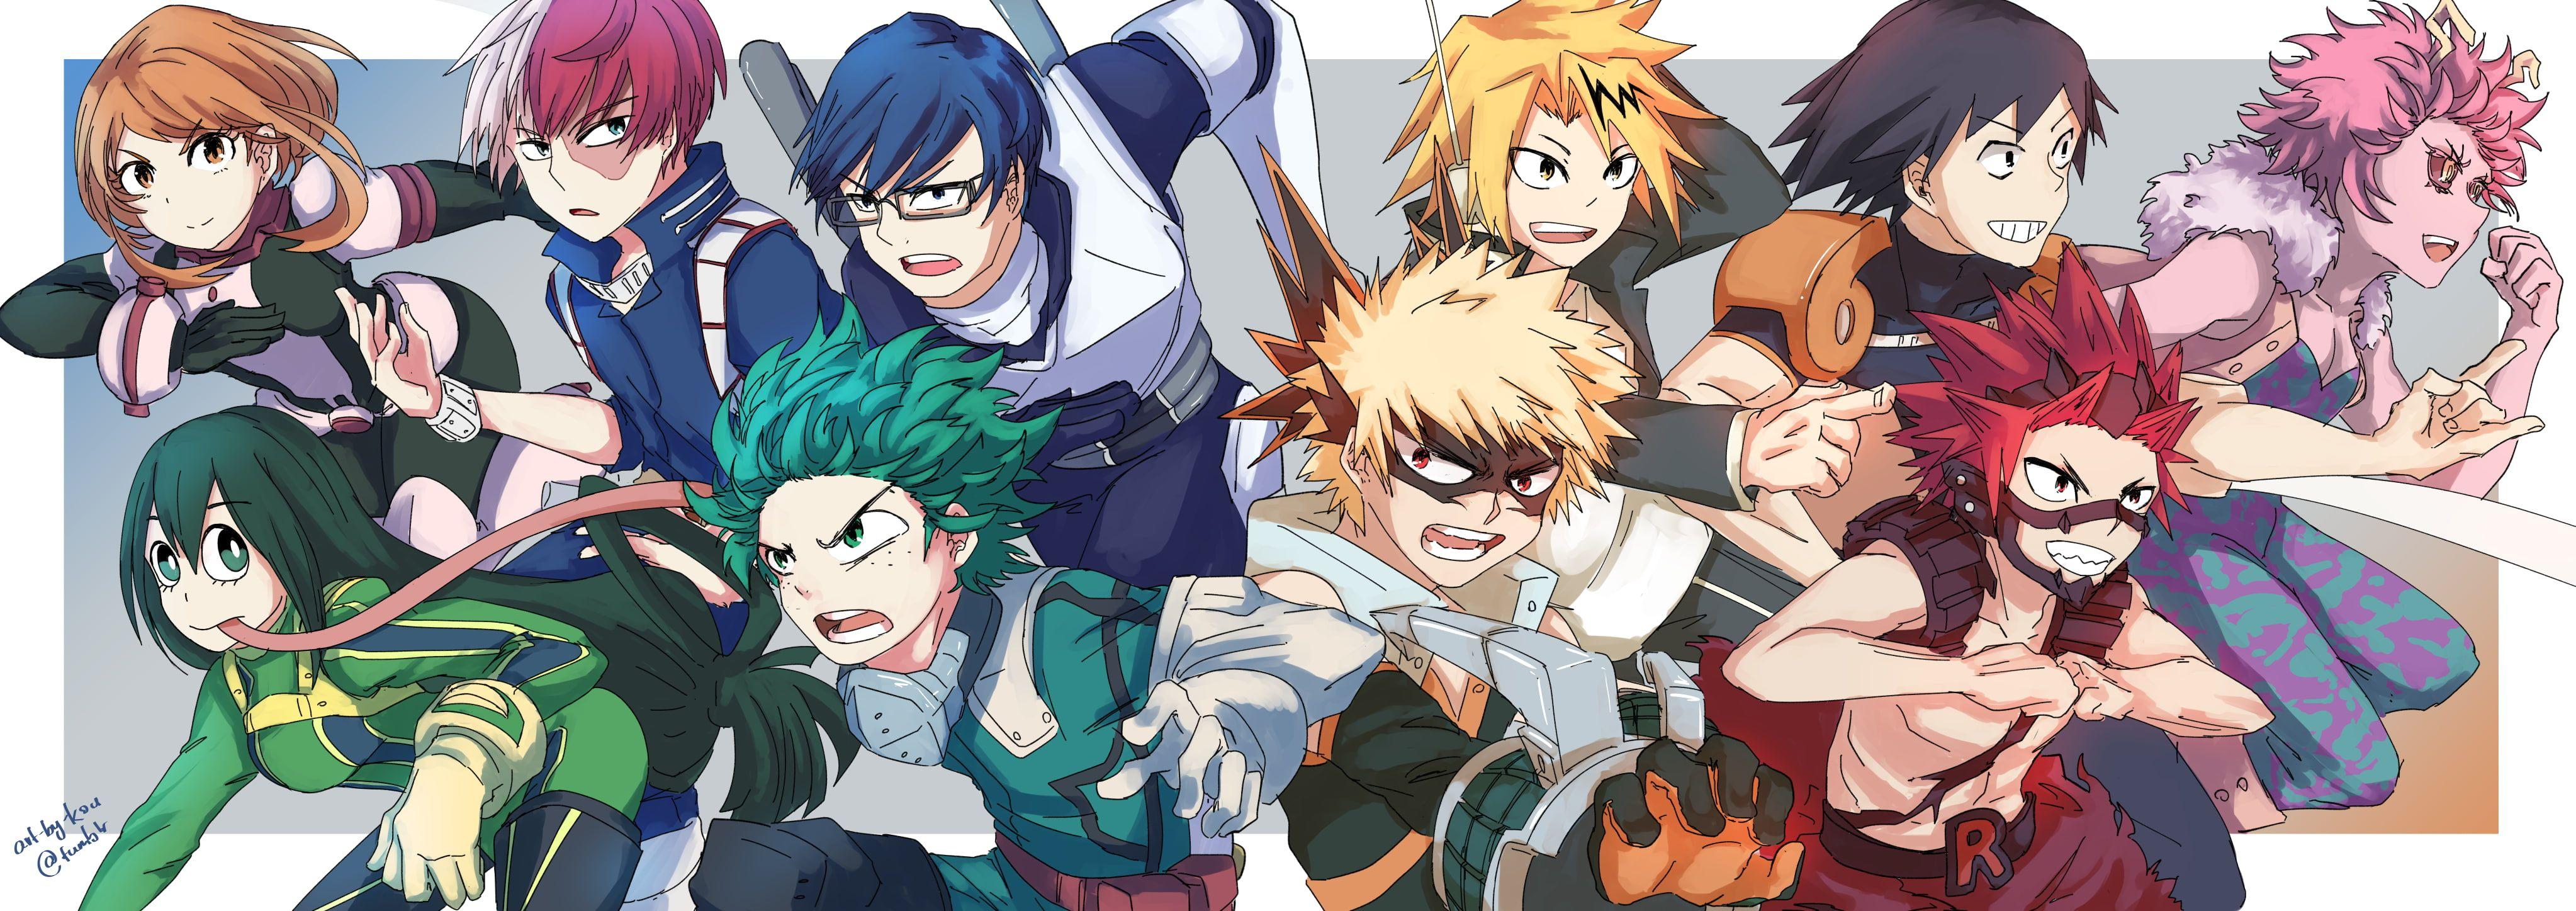 Anime My Hero Academia Denki Kaminari Eijiro Kirishima Hanta Sero Izuku Midoriya Katsuki Bakugou Mina Ashido Ochaco Uraraka Shoto T Anime Anime Images Disgaea